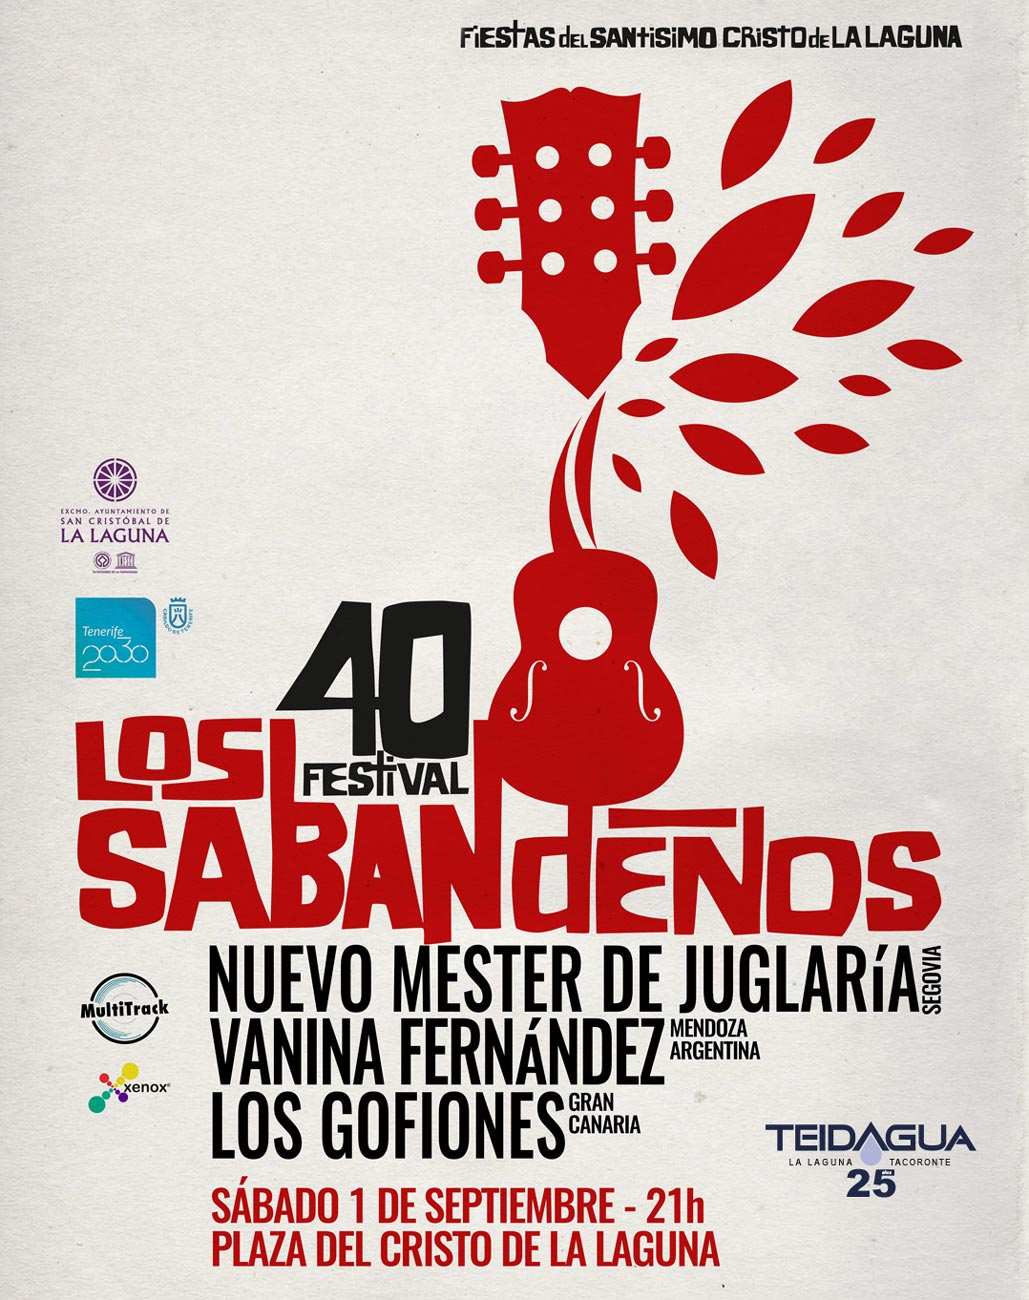 xenox-producciones-eventos-musica-cultura-tenerife-islas-canarias-40-Festival-Sabandeños-Fiestas-del-Cristo-La-Laguna-Cartel-01